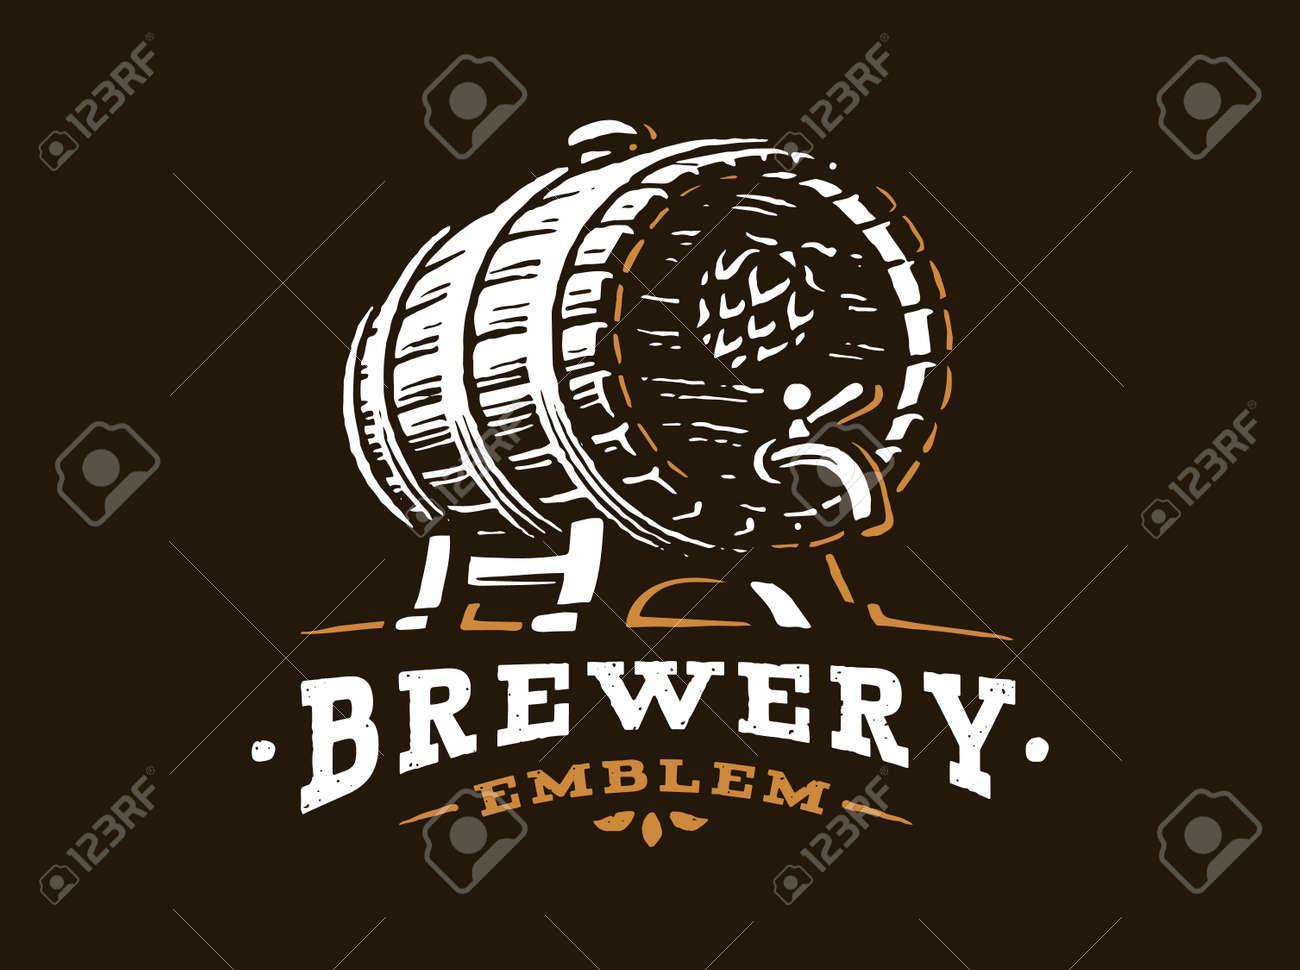 Wooden beer barrel logo - vector illustration, emblem brewery design on black background - 70777645